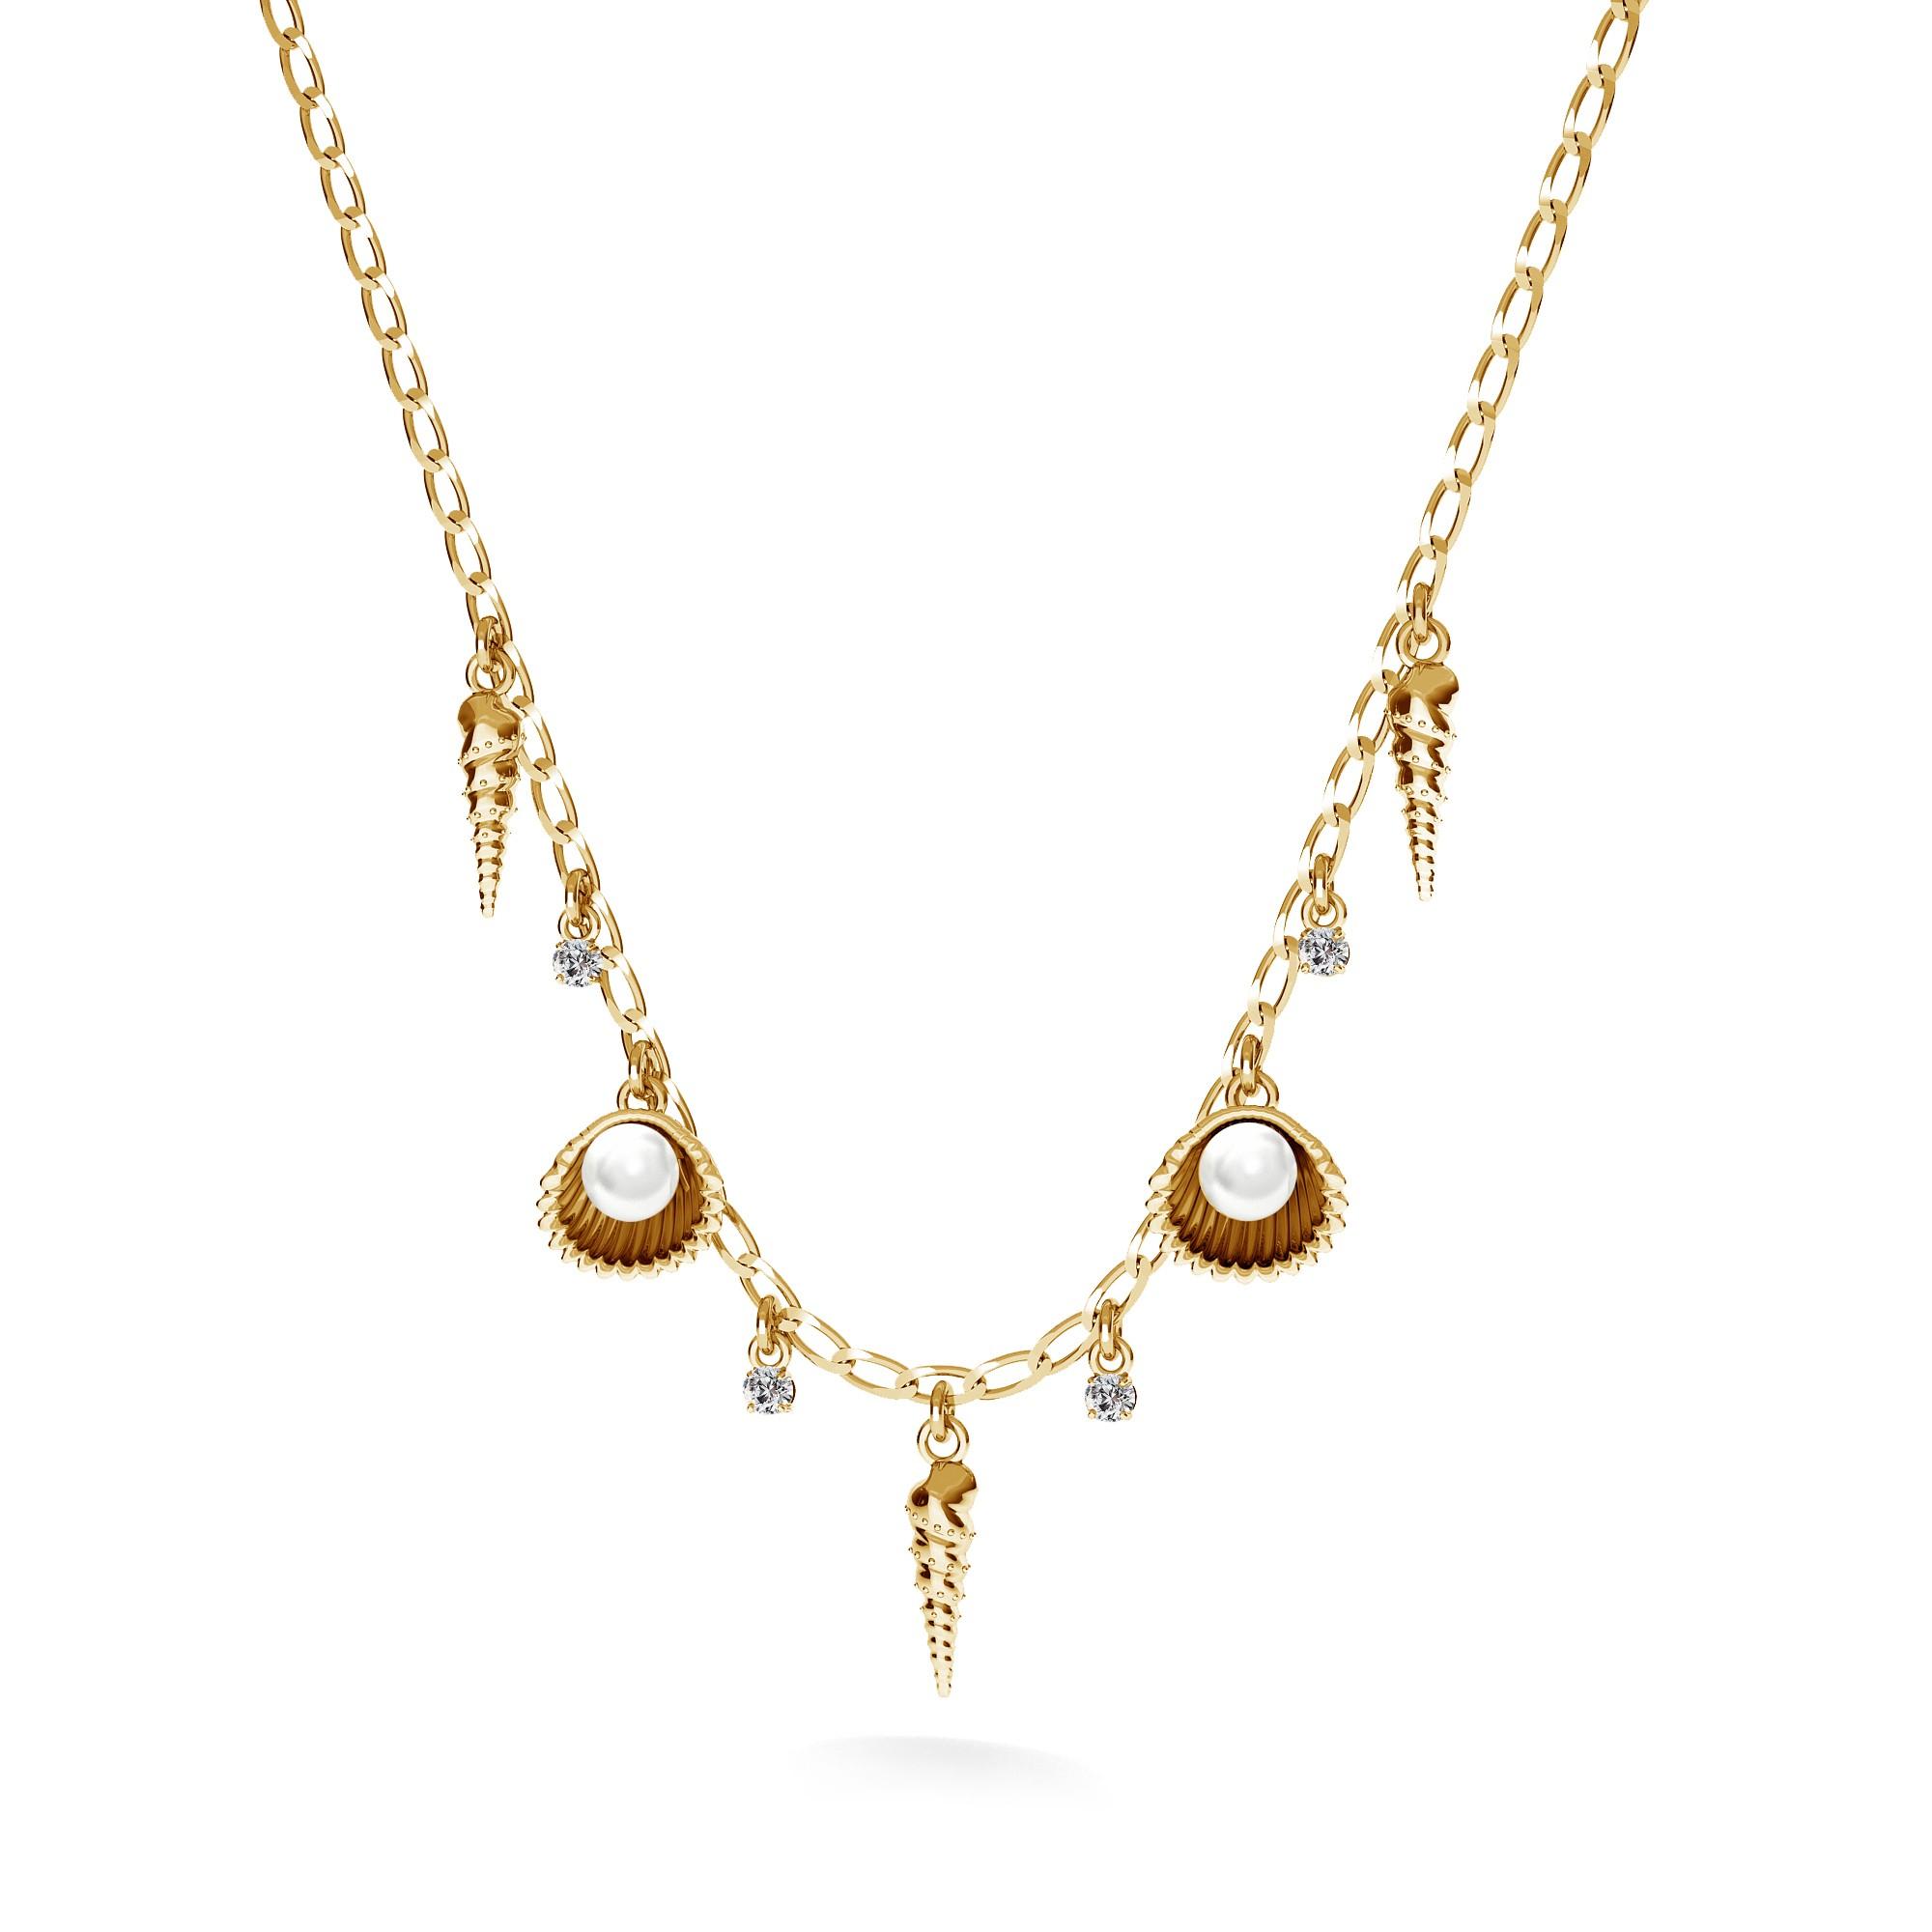 Srebrny naszyjnik z perłami, MON DÉFI, srebro 925, Swarovski